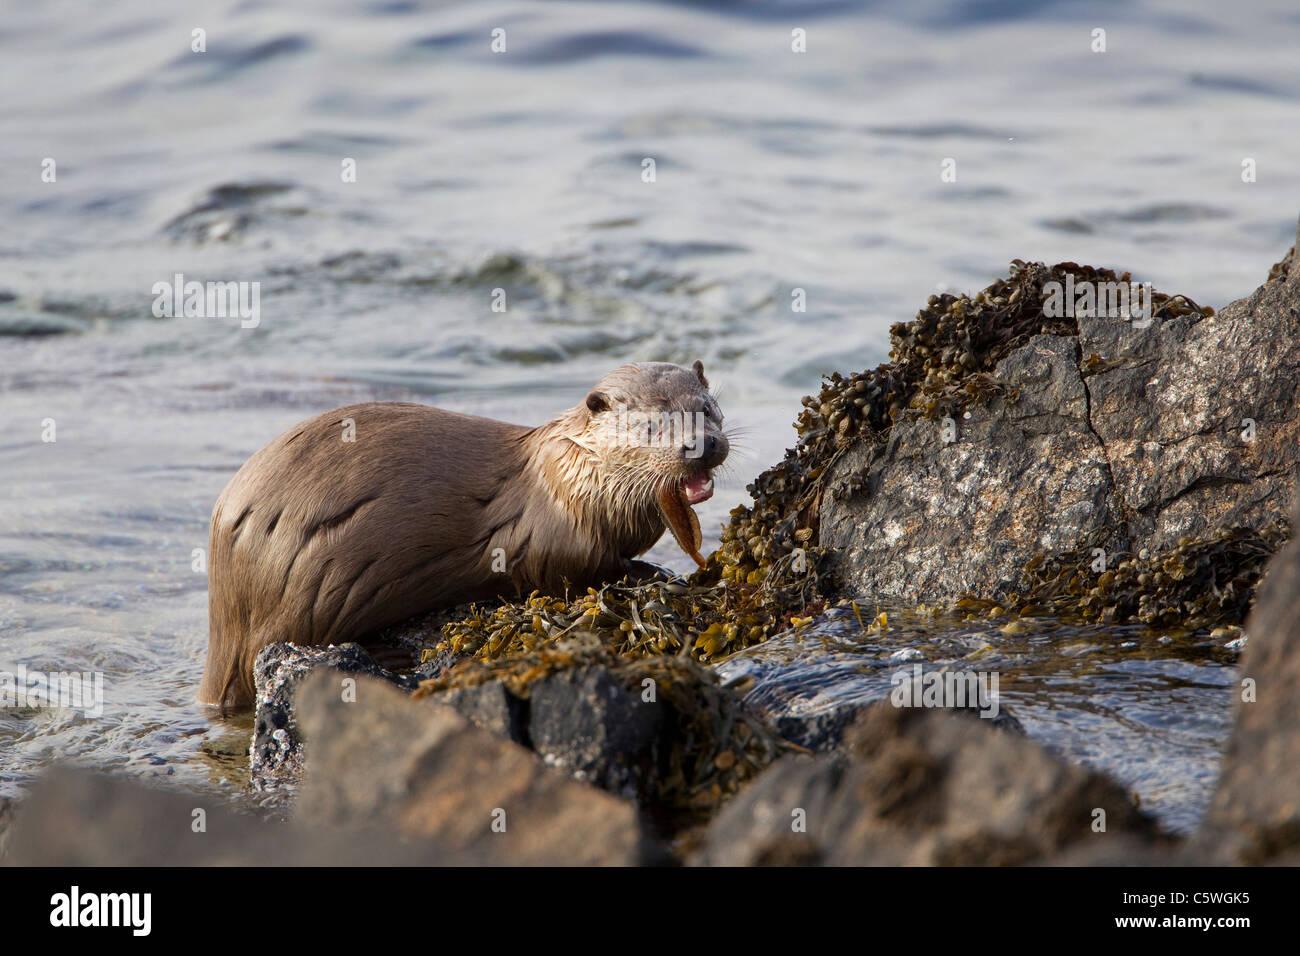 Rivière européenne loutre (Lutra lutra) se nourrissent d'une Rockling sur côte rocheuse. Shetland, Ecosse, Grande-Bretagne. Banque D'Images